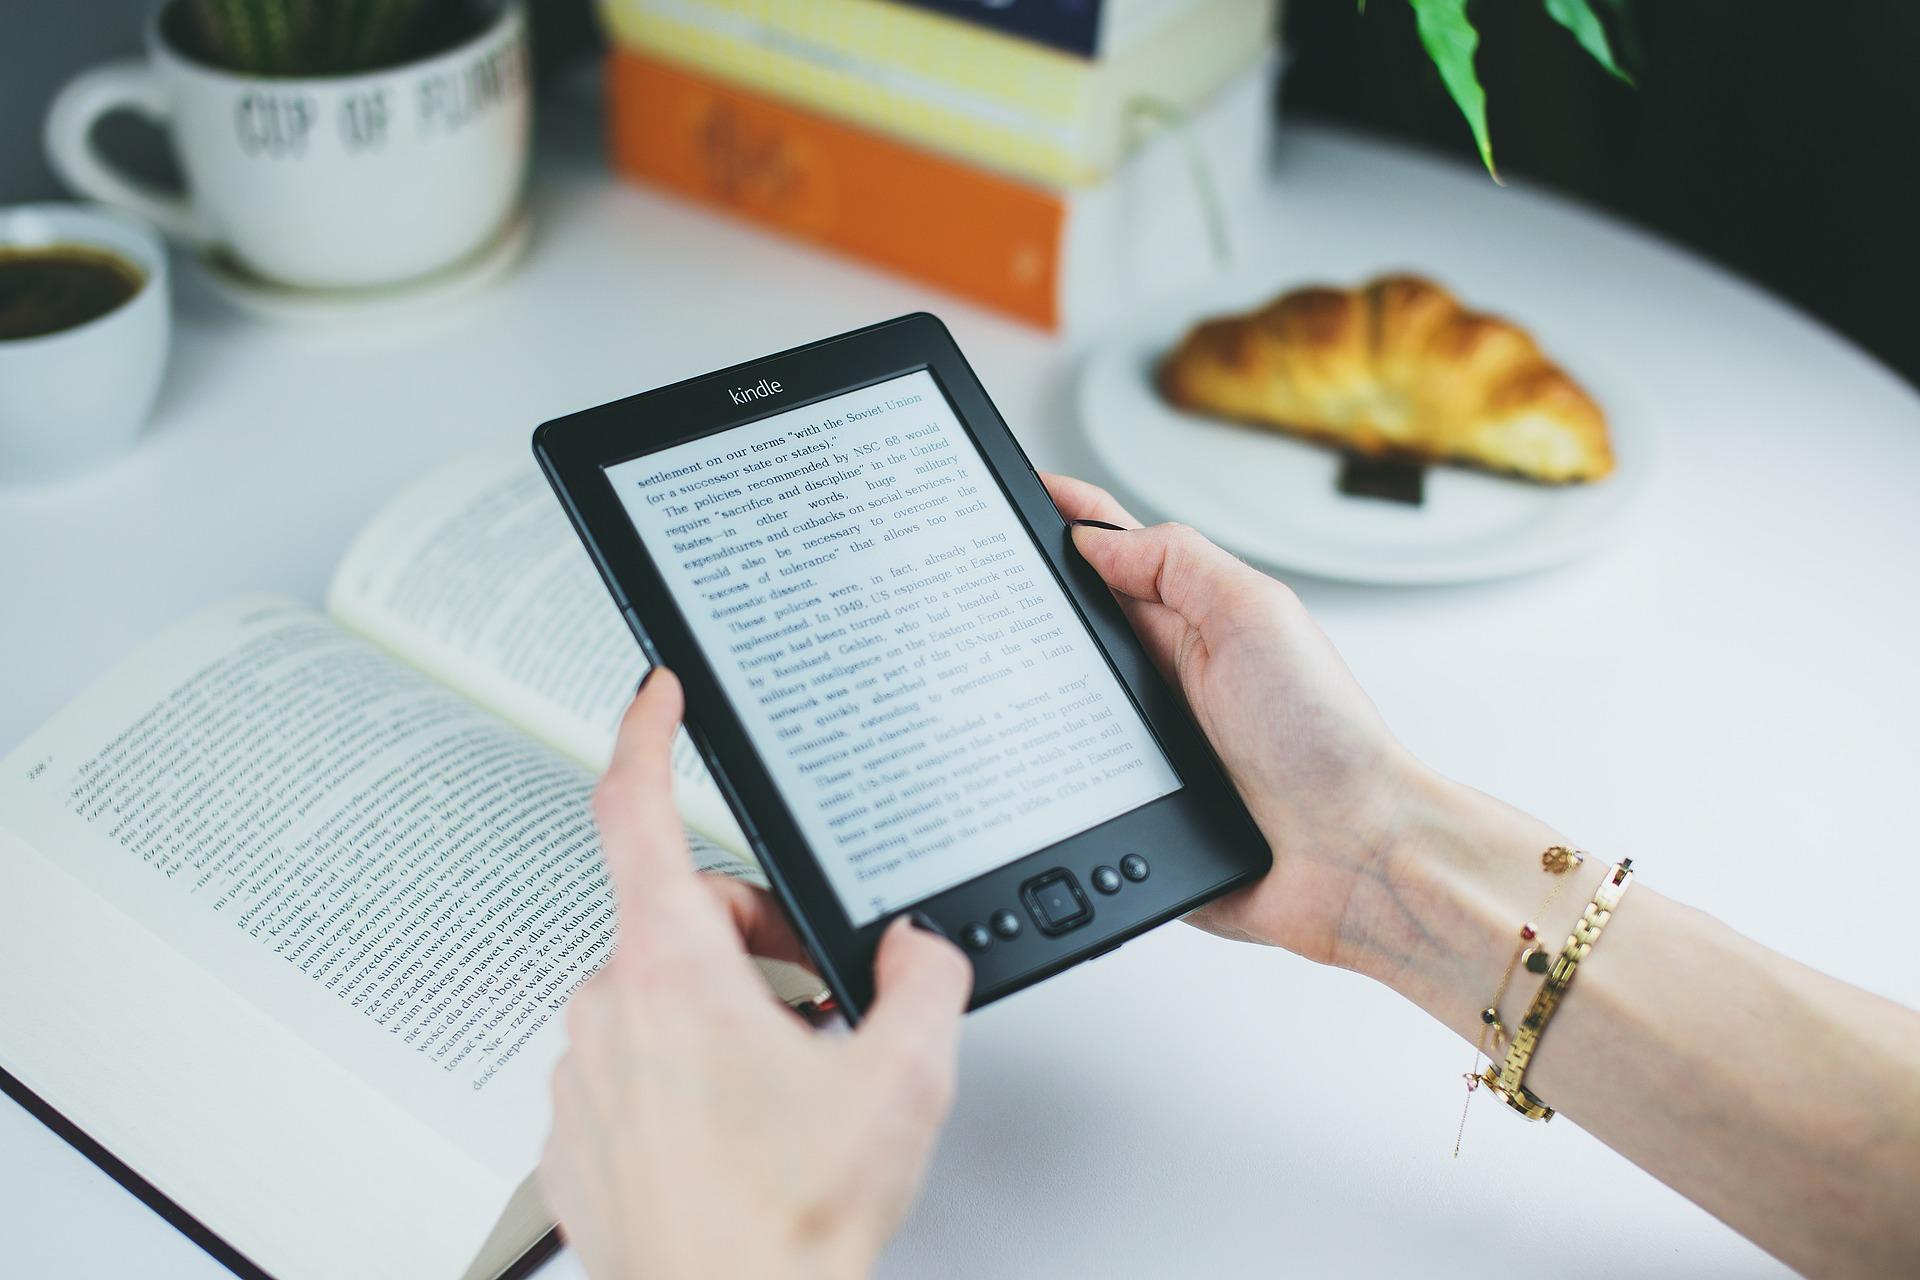 Як керувати, продавати й робити так, щоб ваш бізнес став успішним: 20 книг від Марини Авдєєвої - porady, news, knygy, business